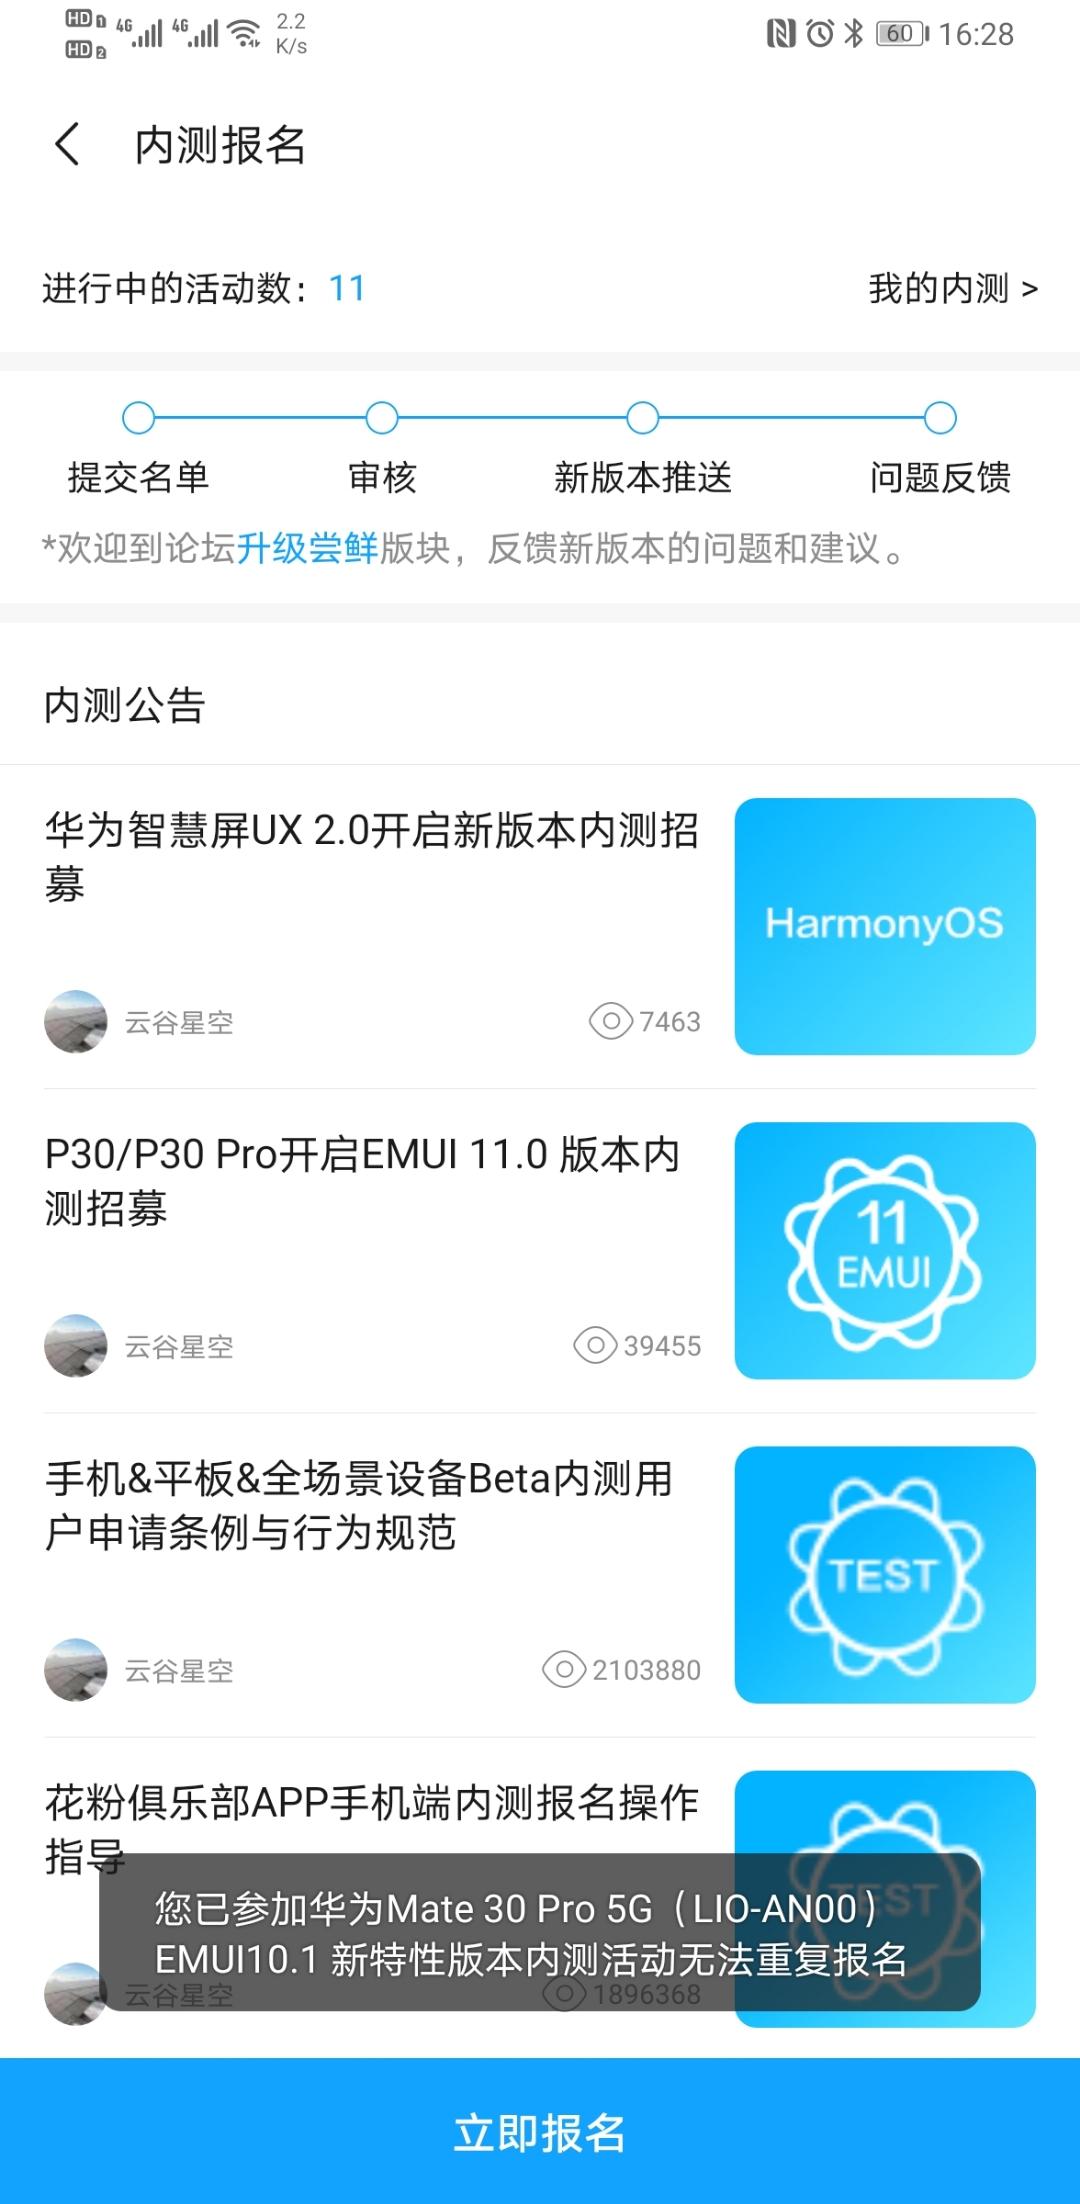 Screenshot_20201021_162810_com.huawei.fans.jpg